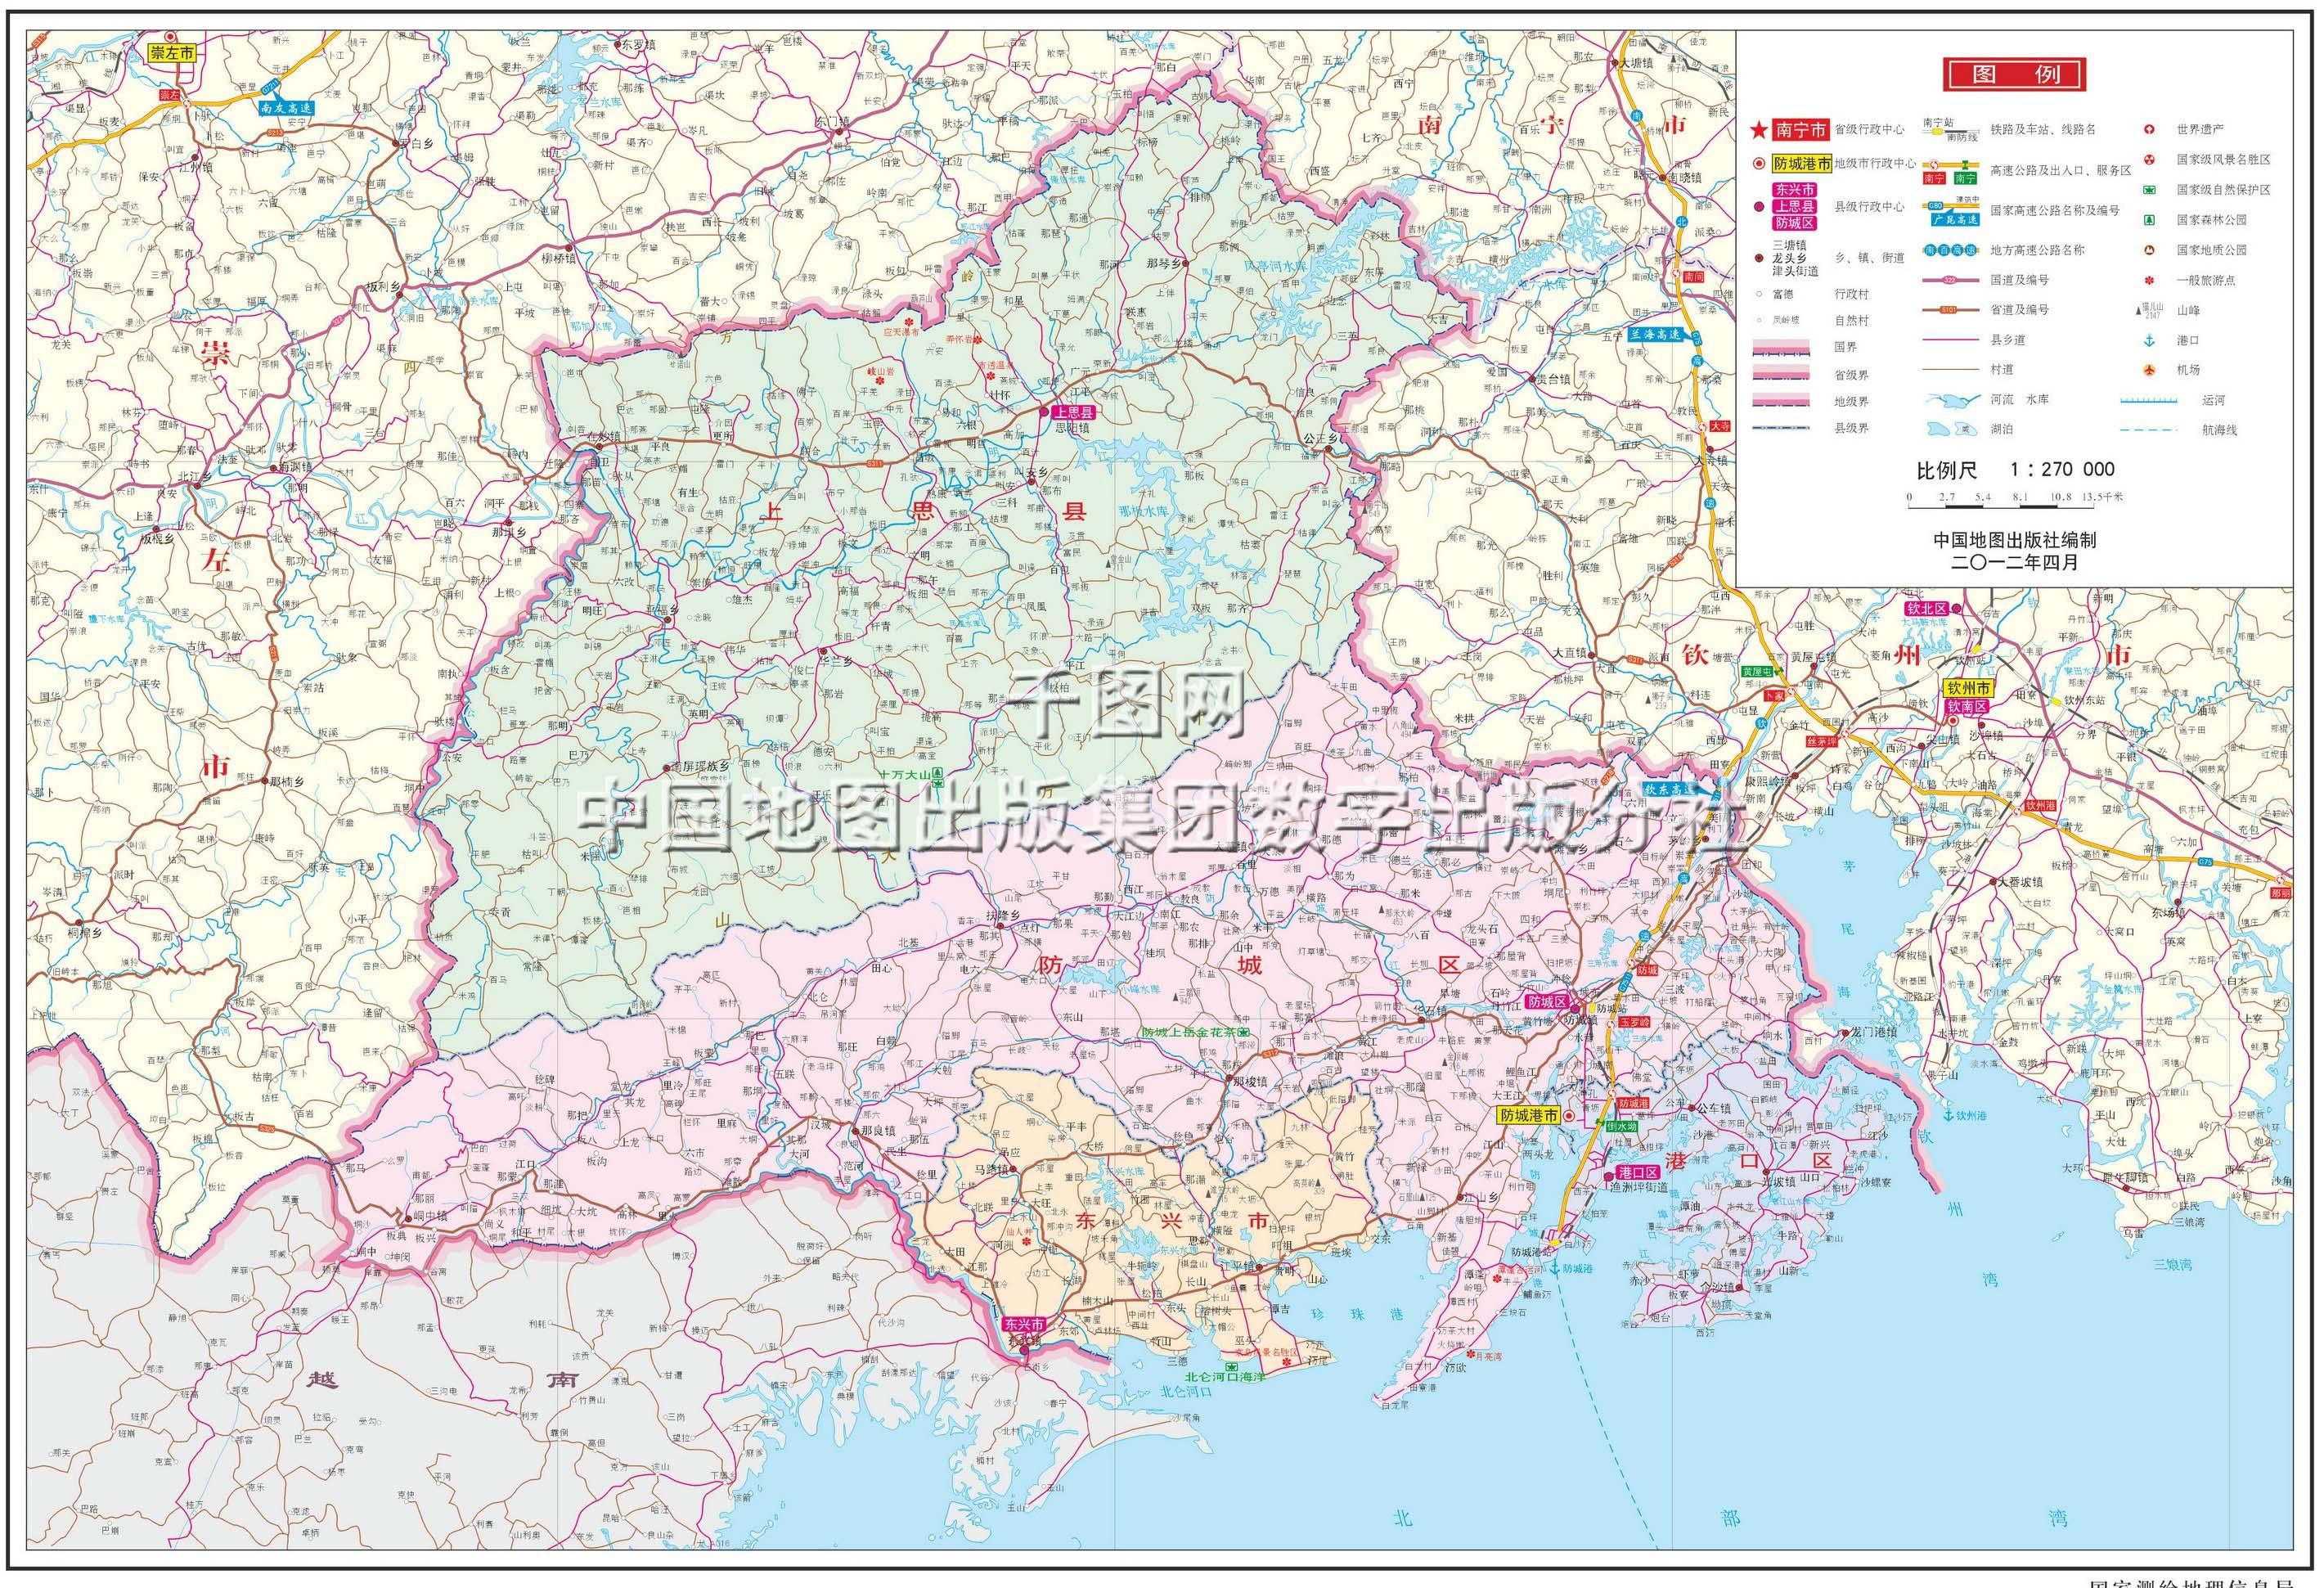 防城港市地图高清版_防城港市地图查询图片